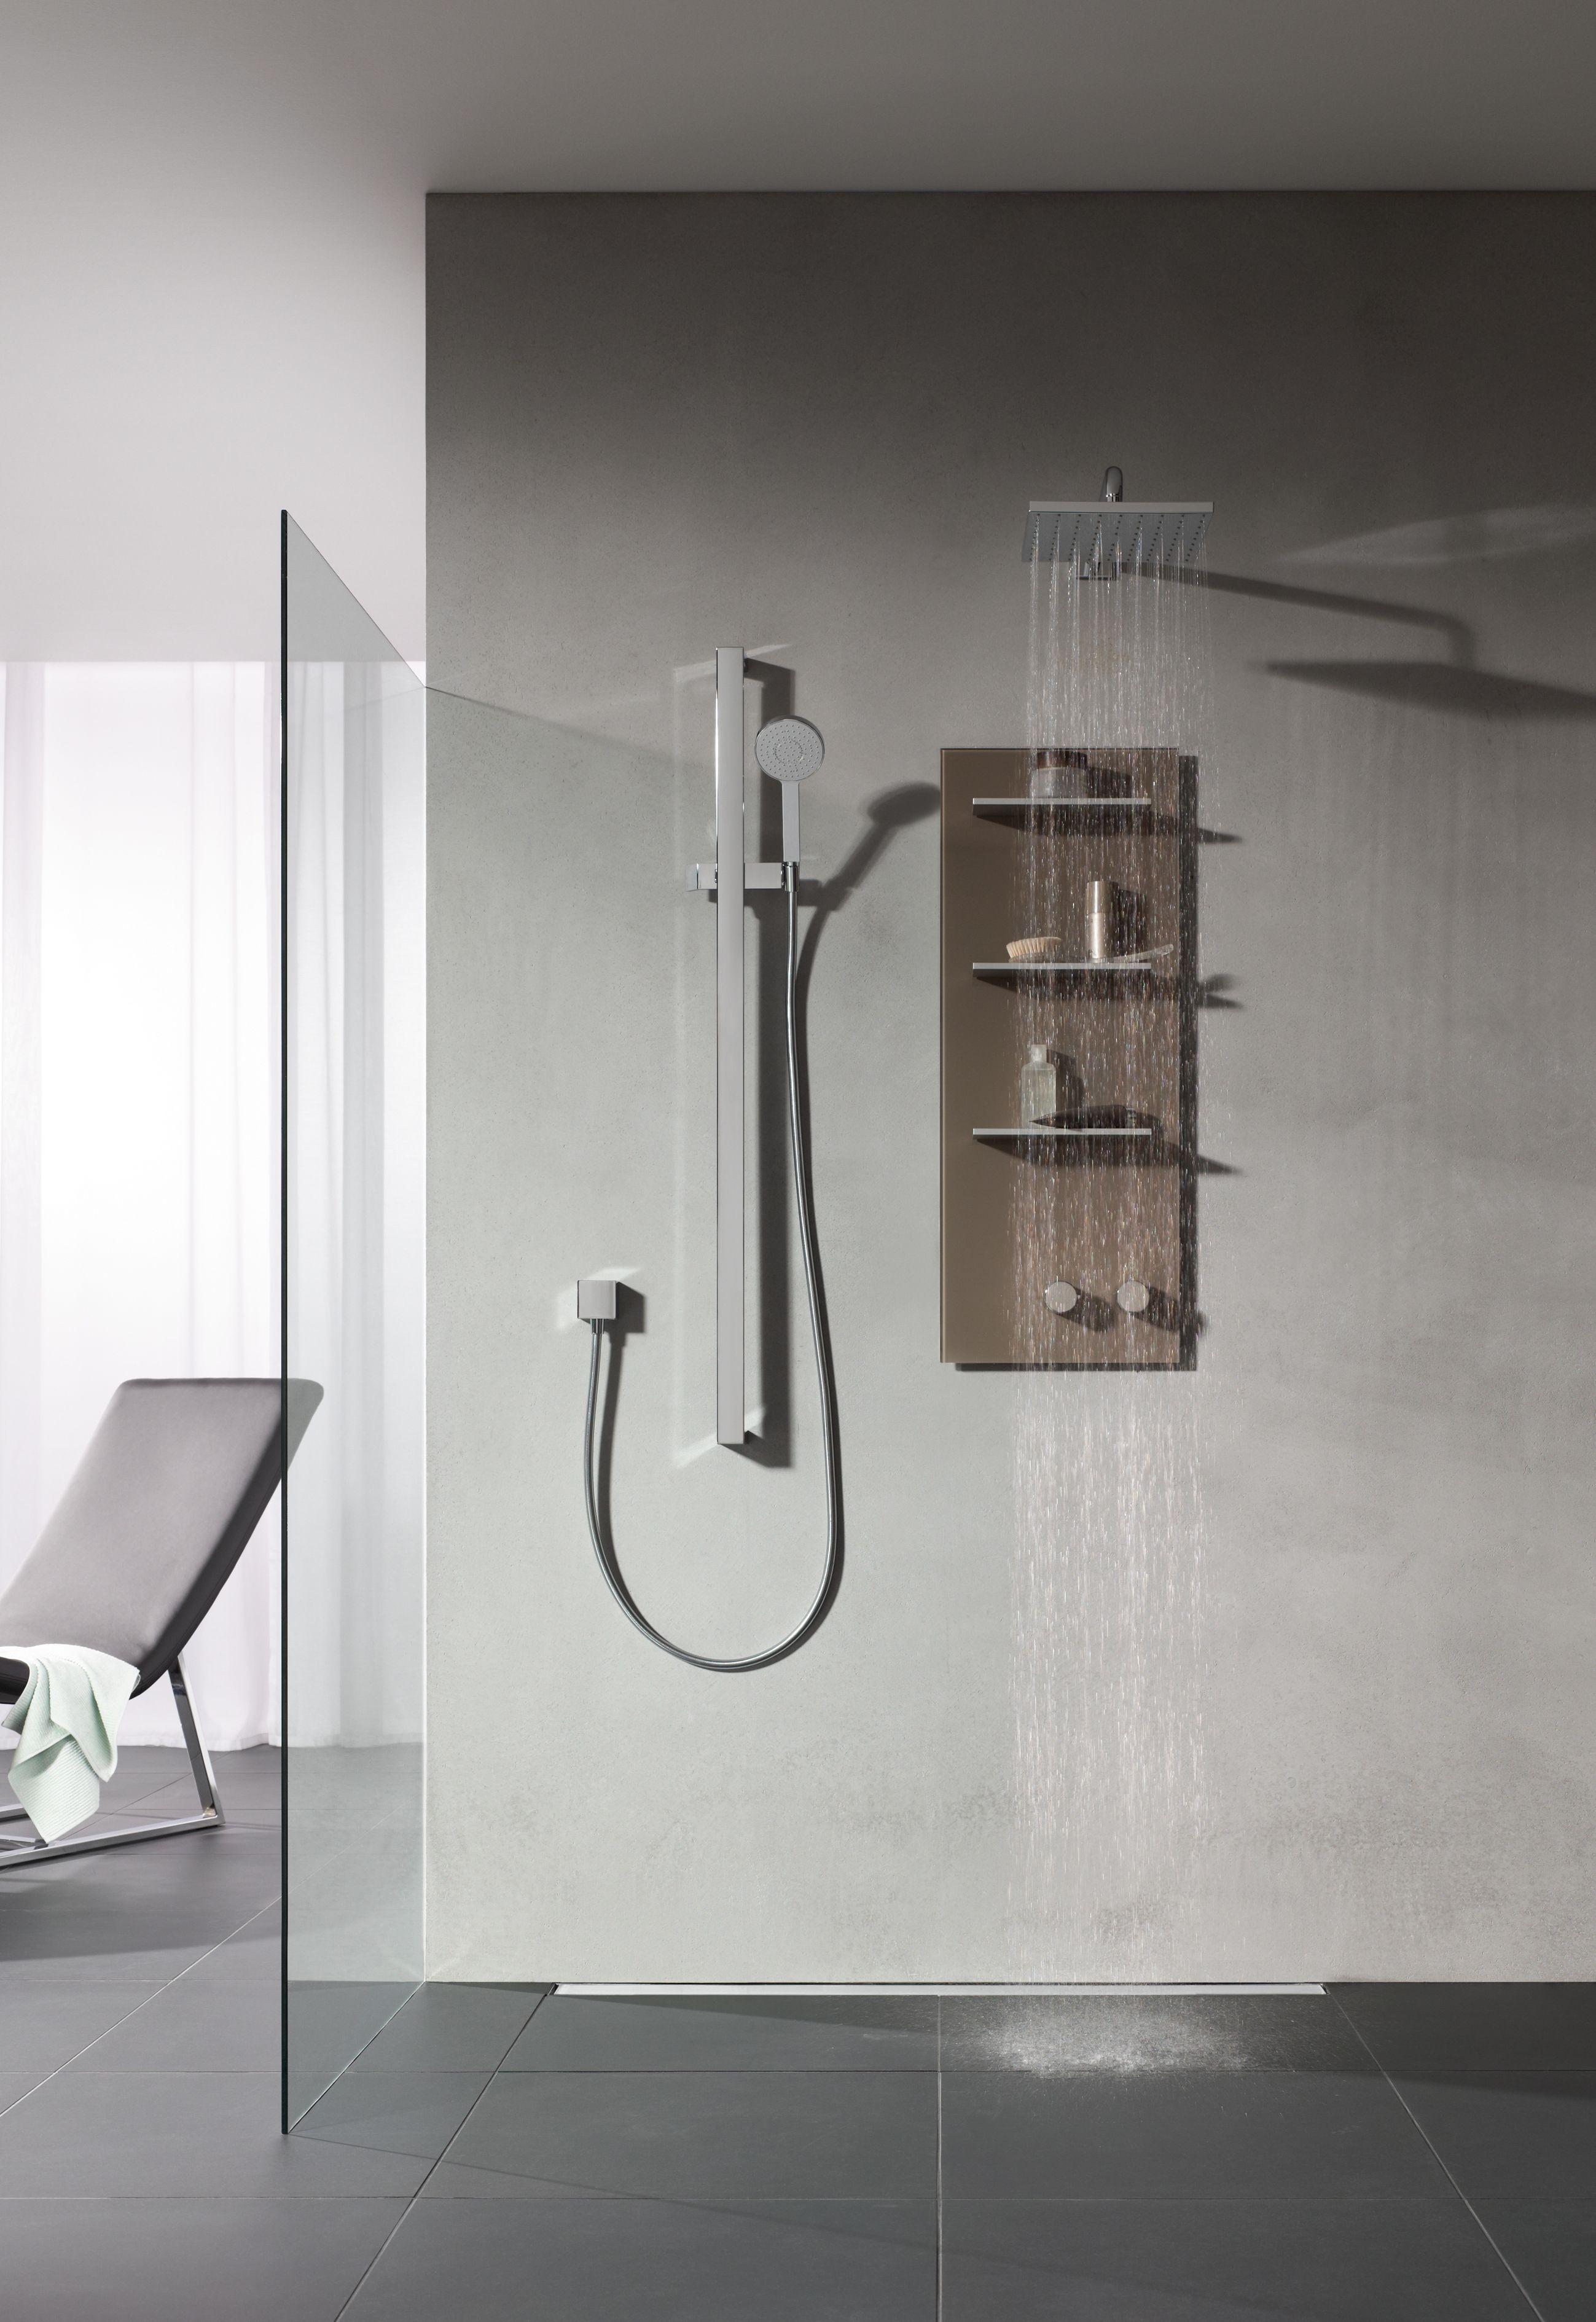 meTime spa bathroom architecture keuco design KEUCO